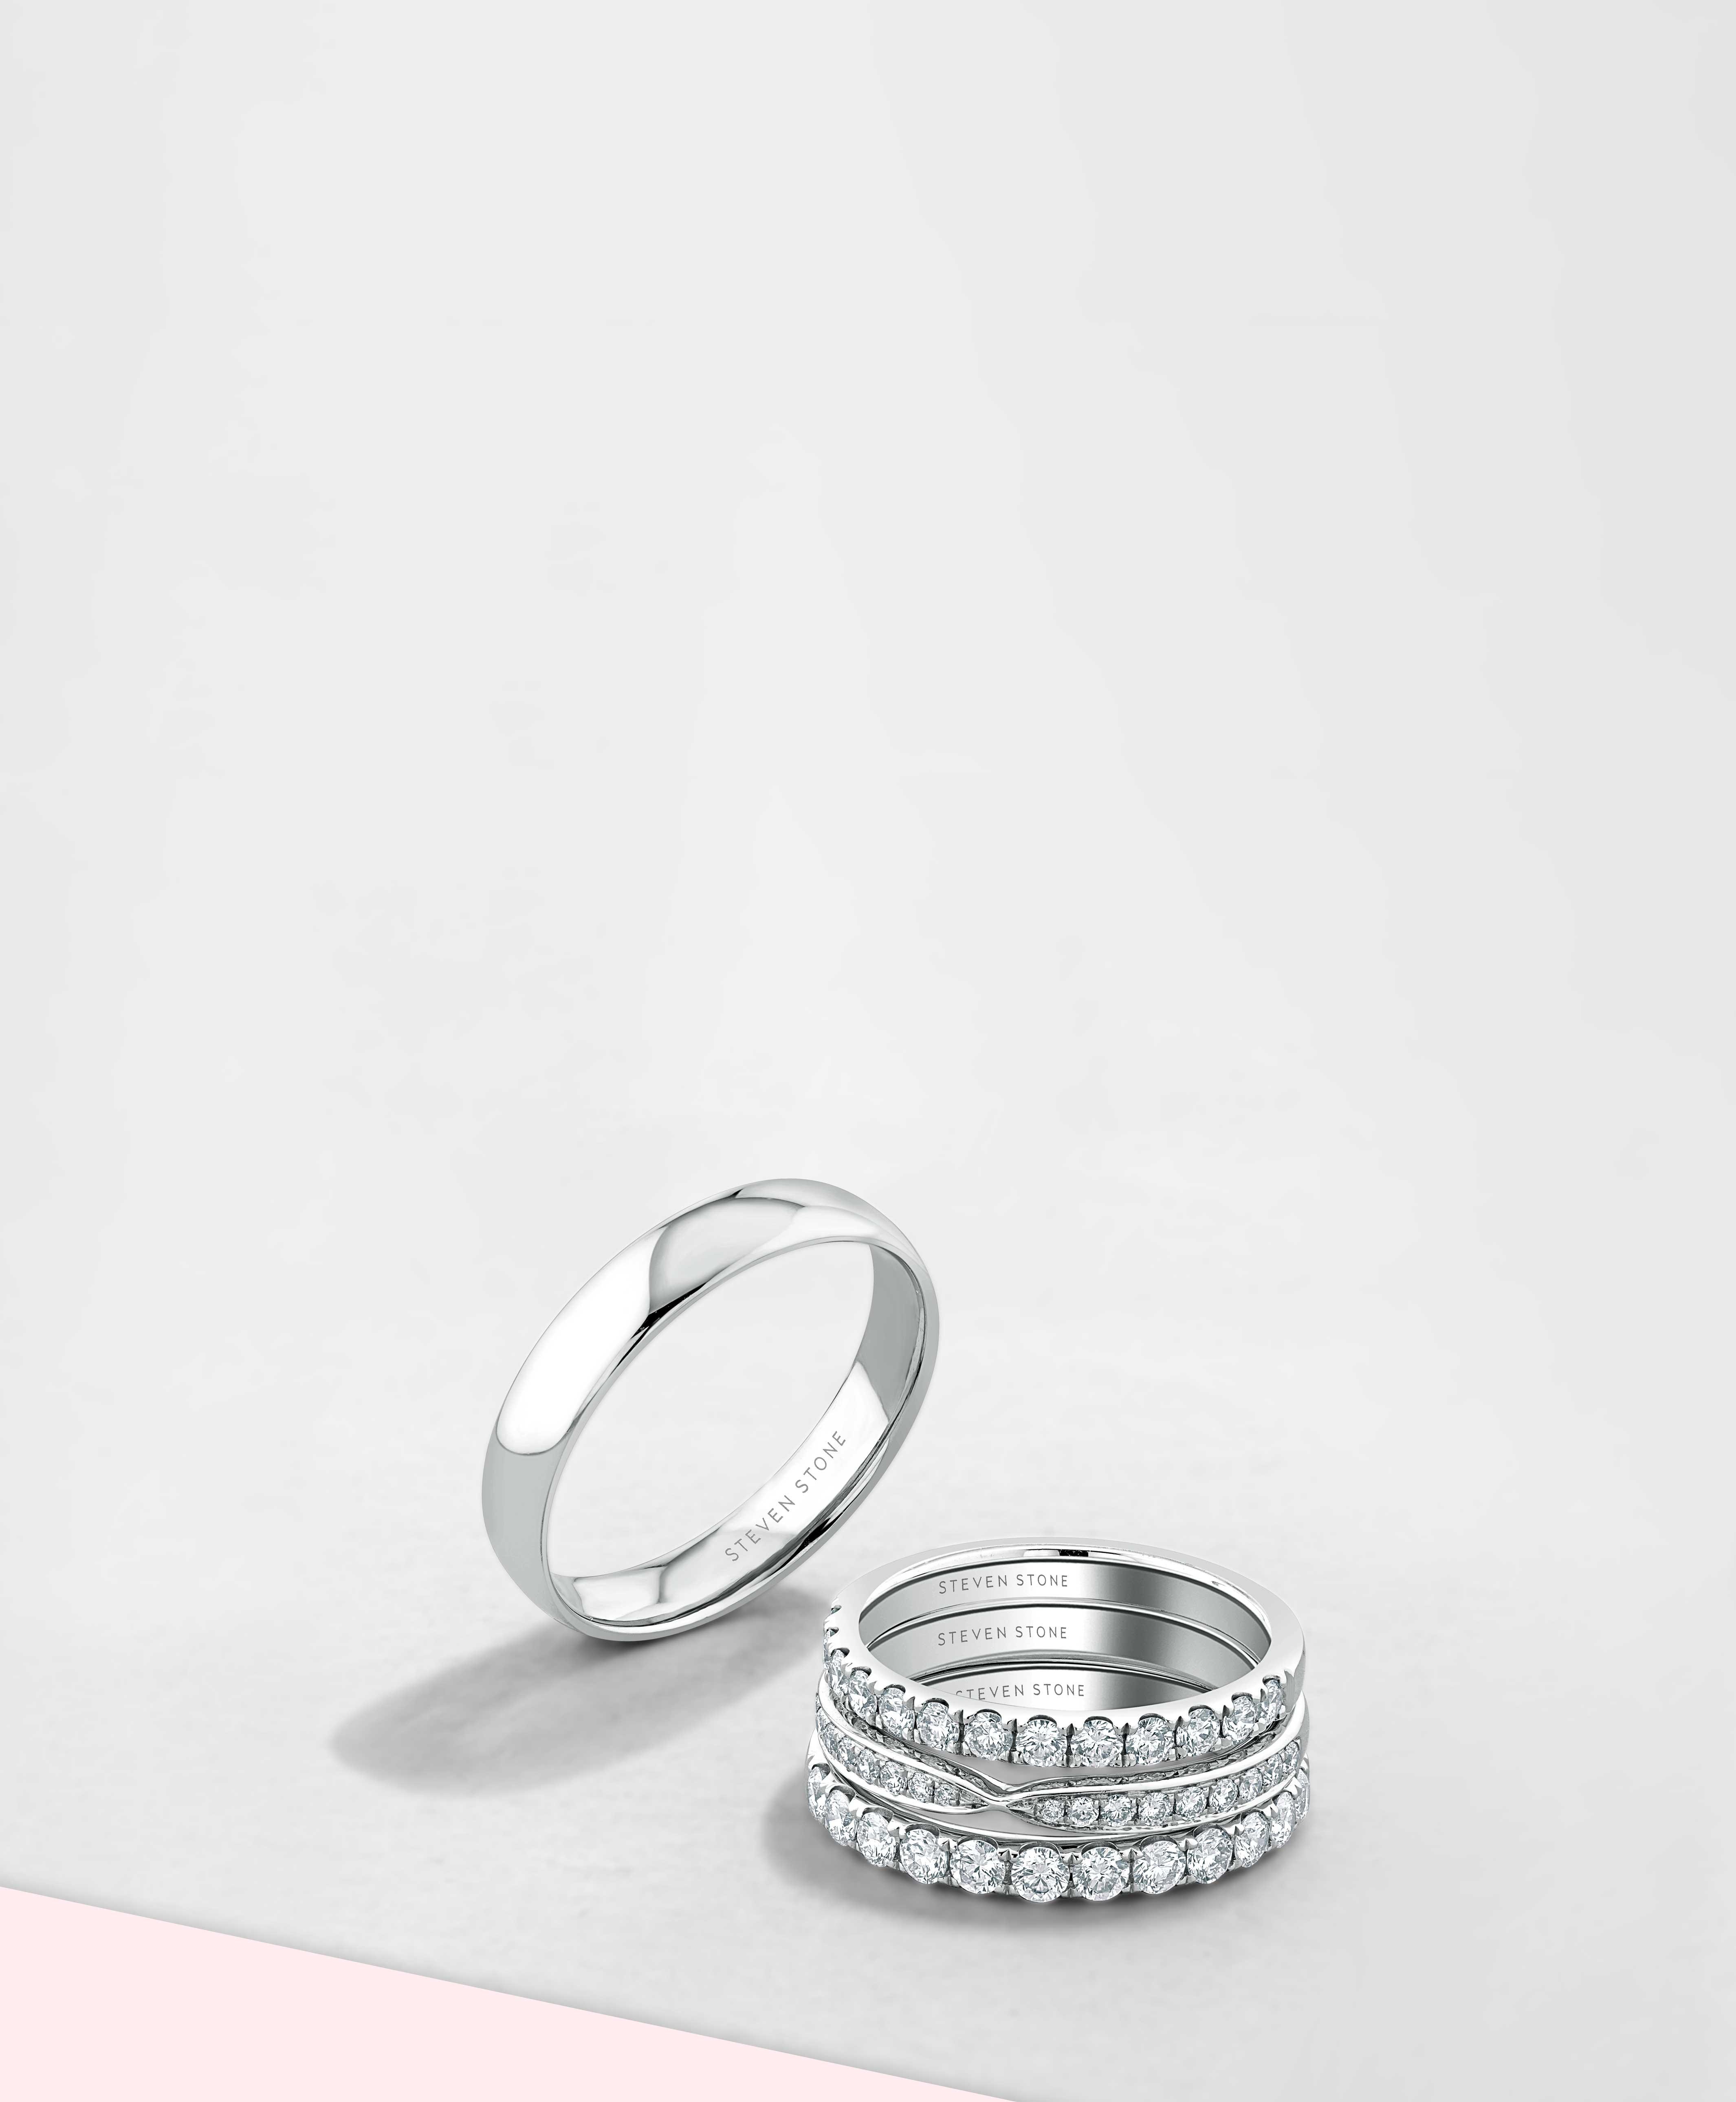 Women's Platinum Wedding Rings - Steven Stone